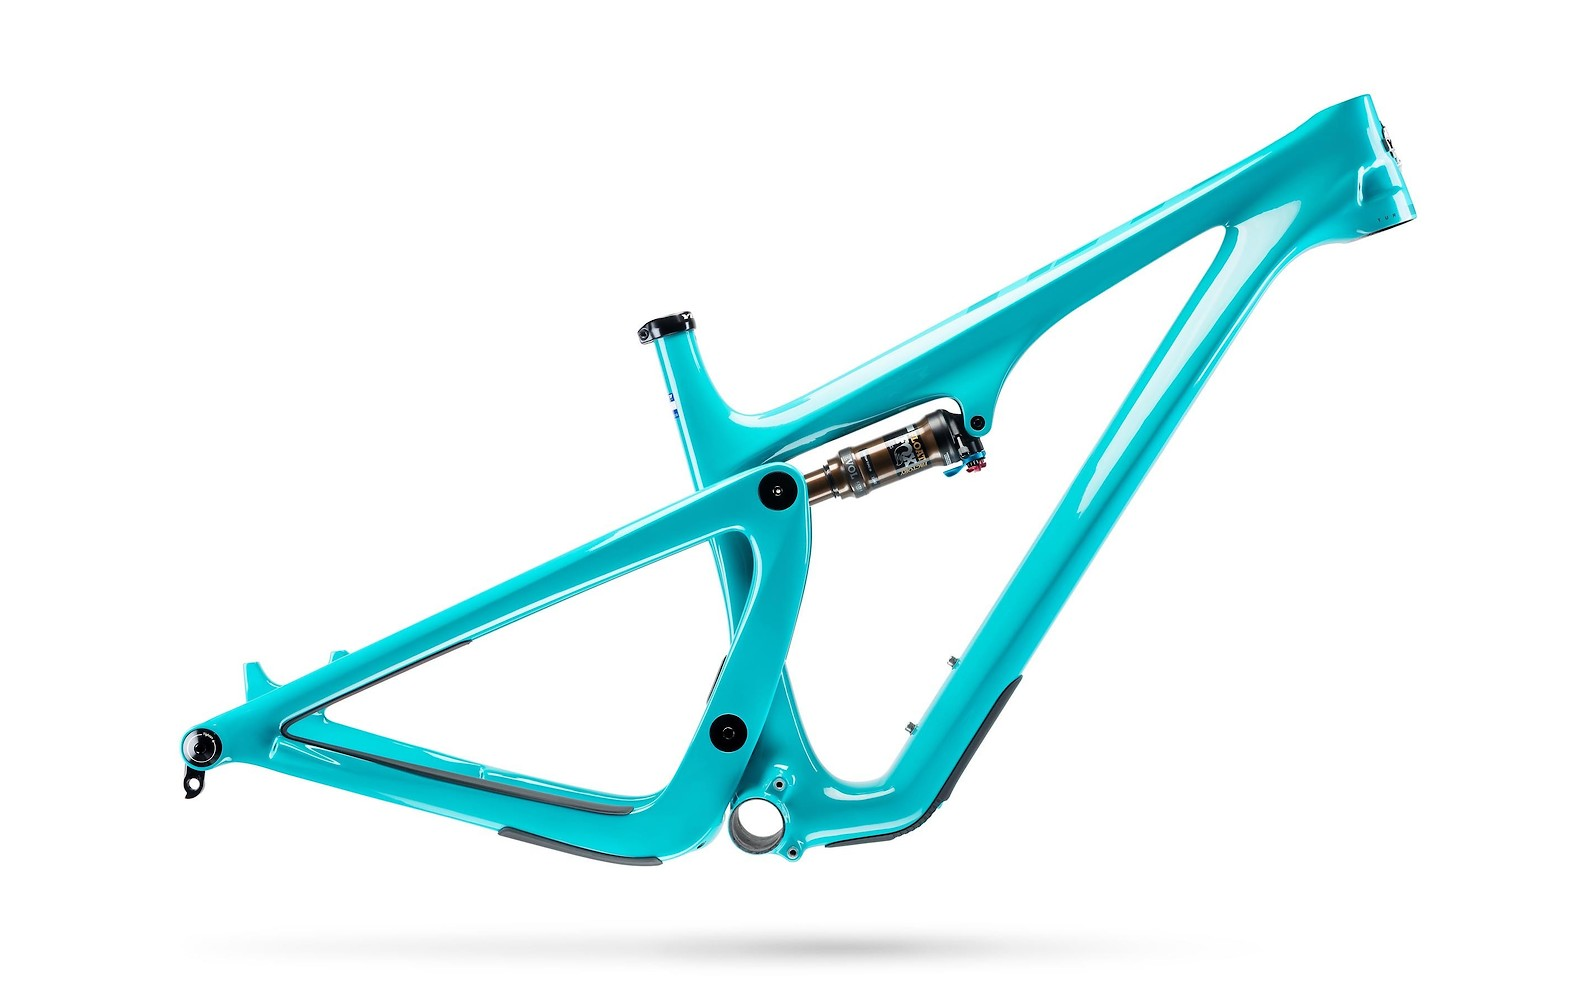 2020 Yeti SB100 TURQ Frame - Turquoise